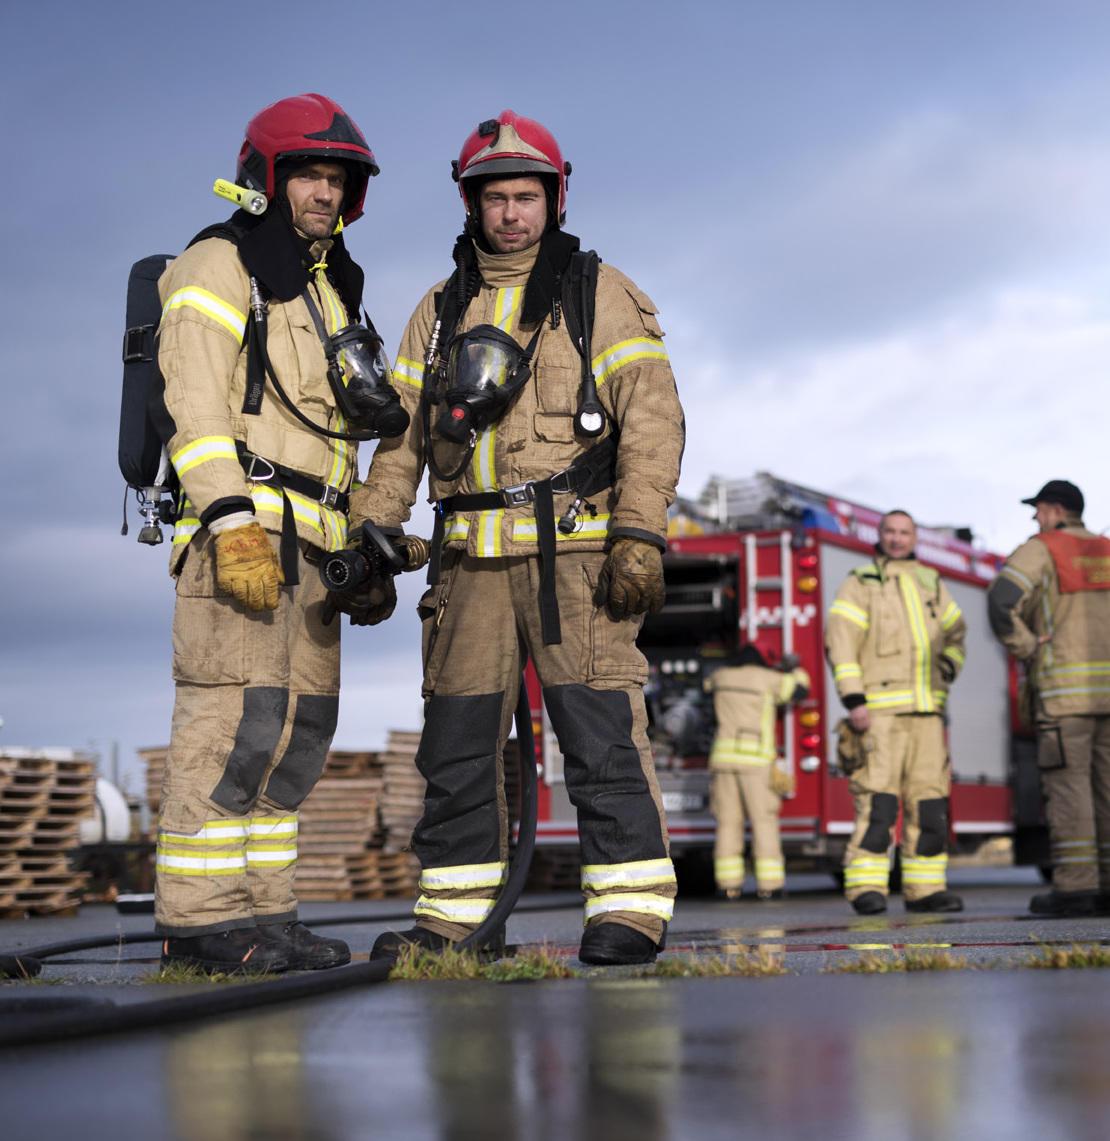 brannmenn i fullt utstyr